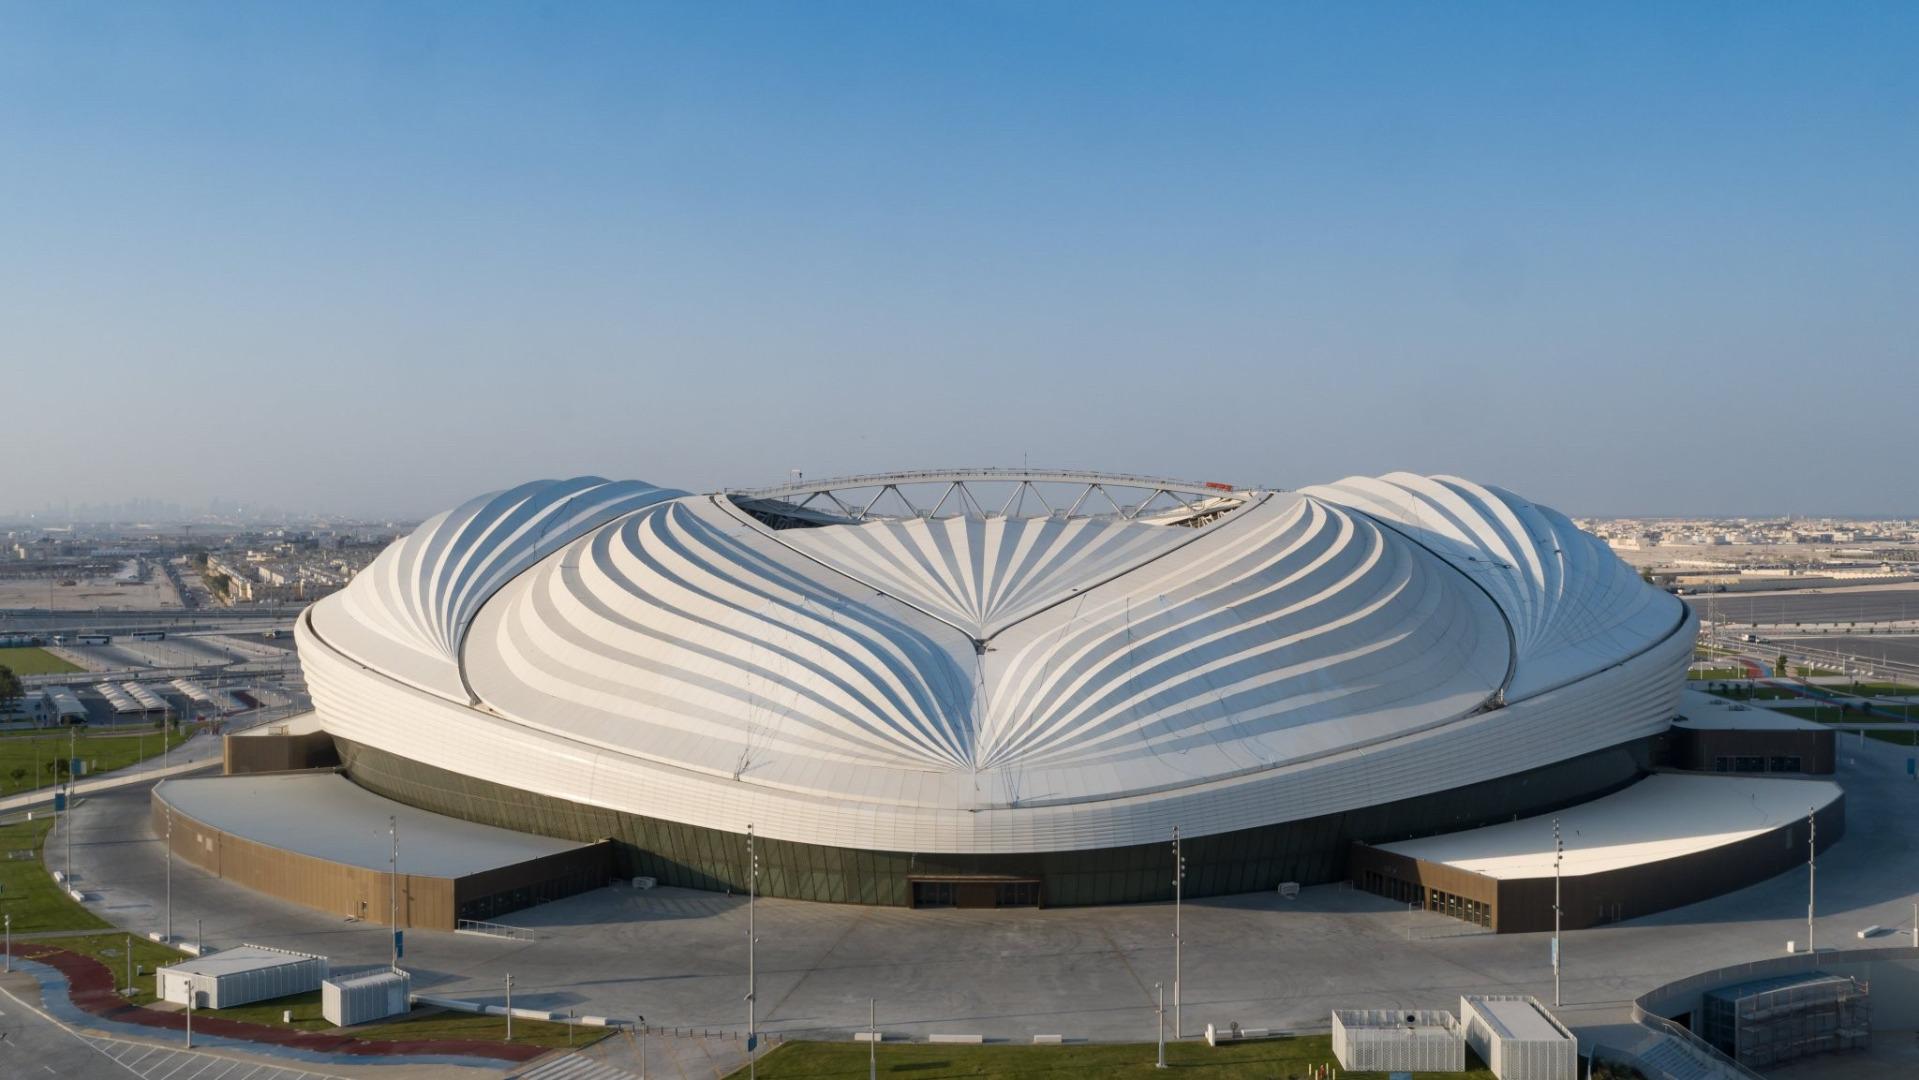 ฟีฟ่า ได้เปิดเผยโปรแกรม ฟุตบอลโลก 2022 ที่ประเทศกาตาร์ ย้ายไปแข่งปลายปี